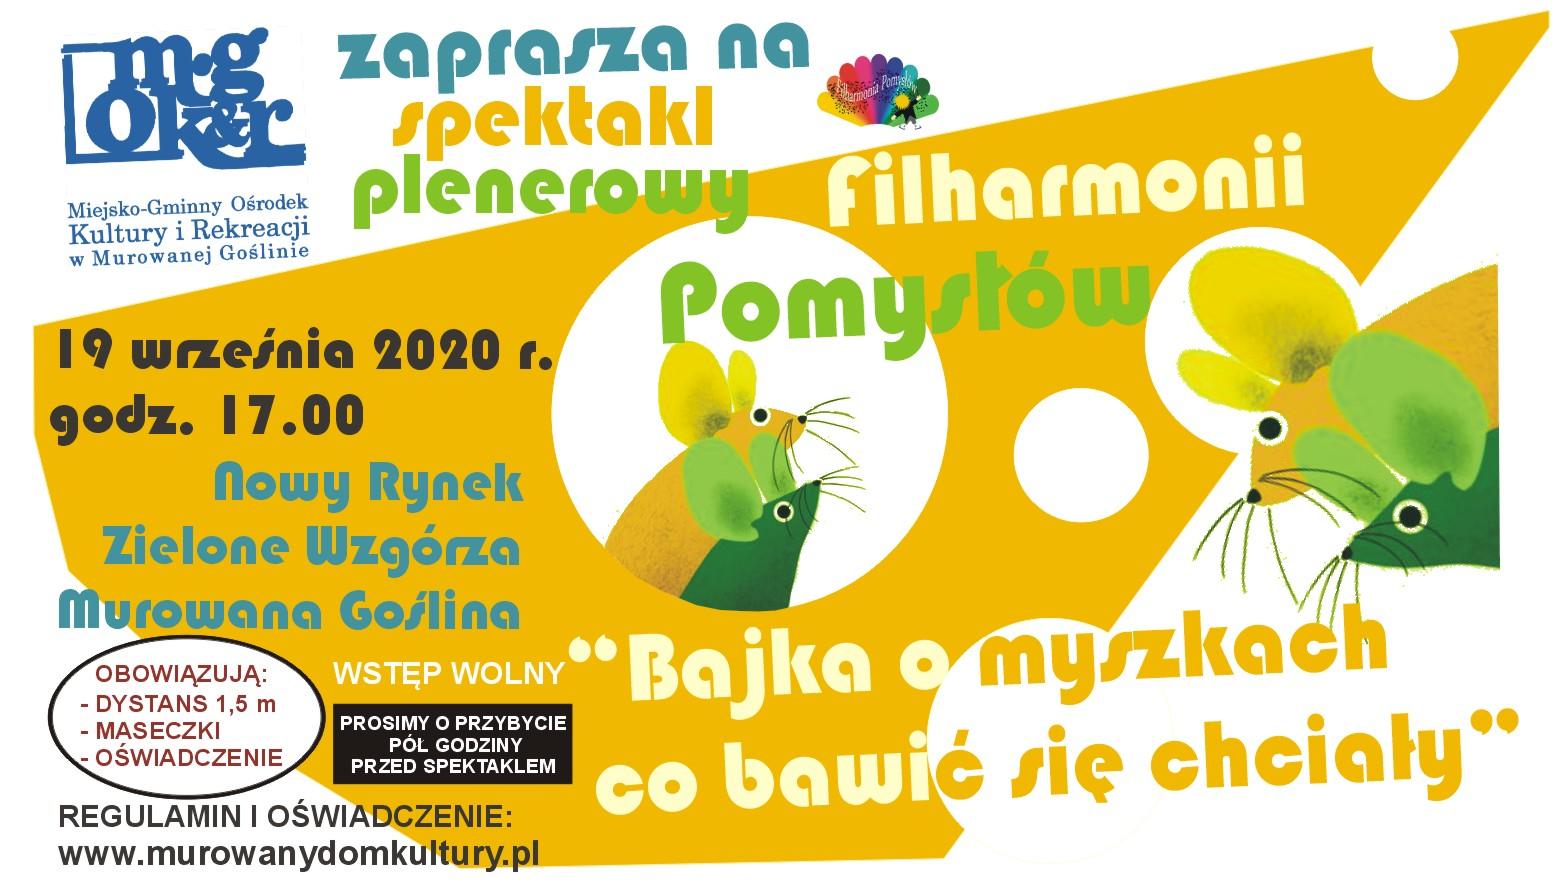 Spektakl plenerowy Filharmonii Pomysłów